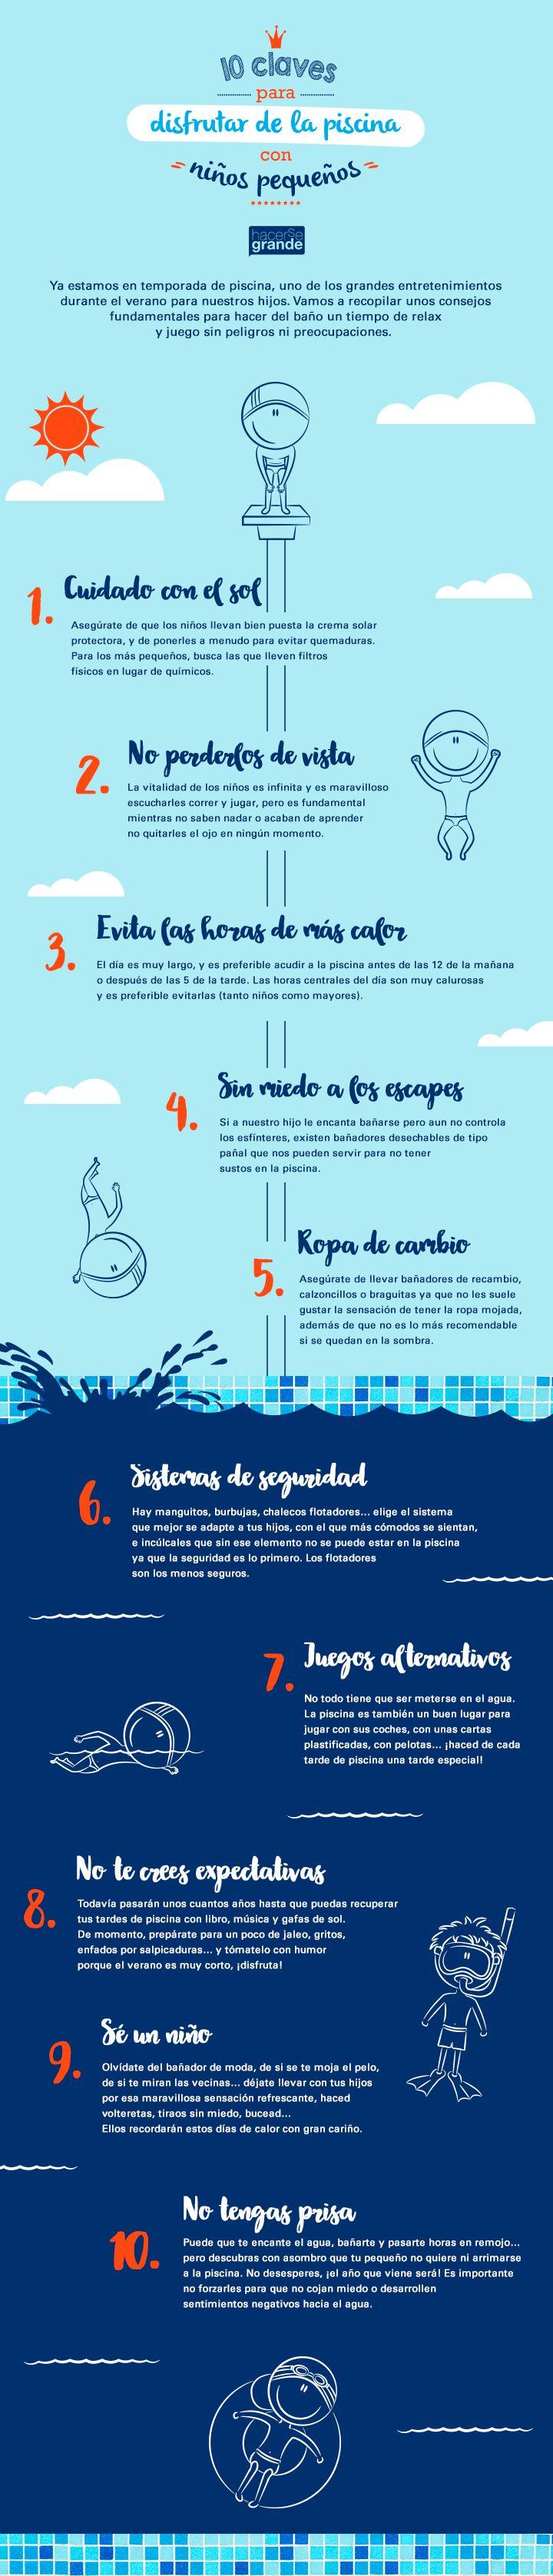 10 claves para disfrutar de la piscina playa con ni os for Piscina hinchable ninos carrefour